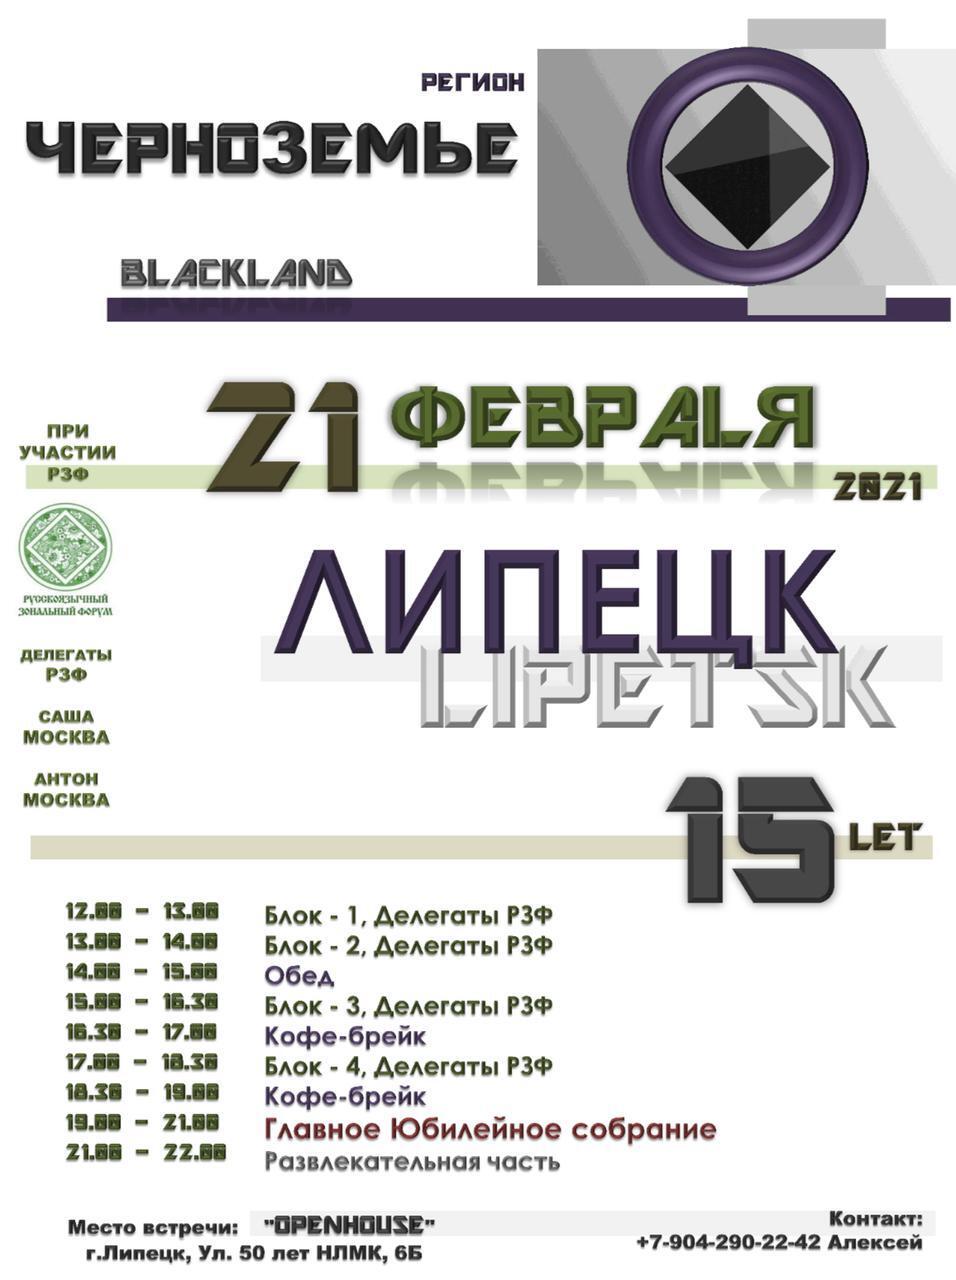 Юбилей сообщества АН г. Липецк 15 лет + Миссия от РЗФ «BLACKLAND»